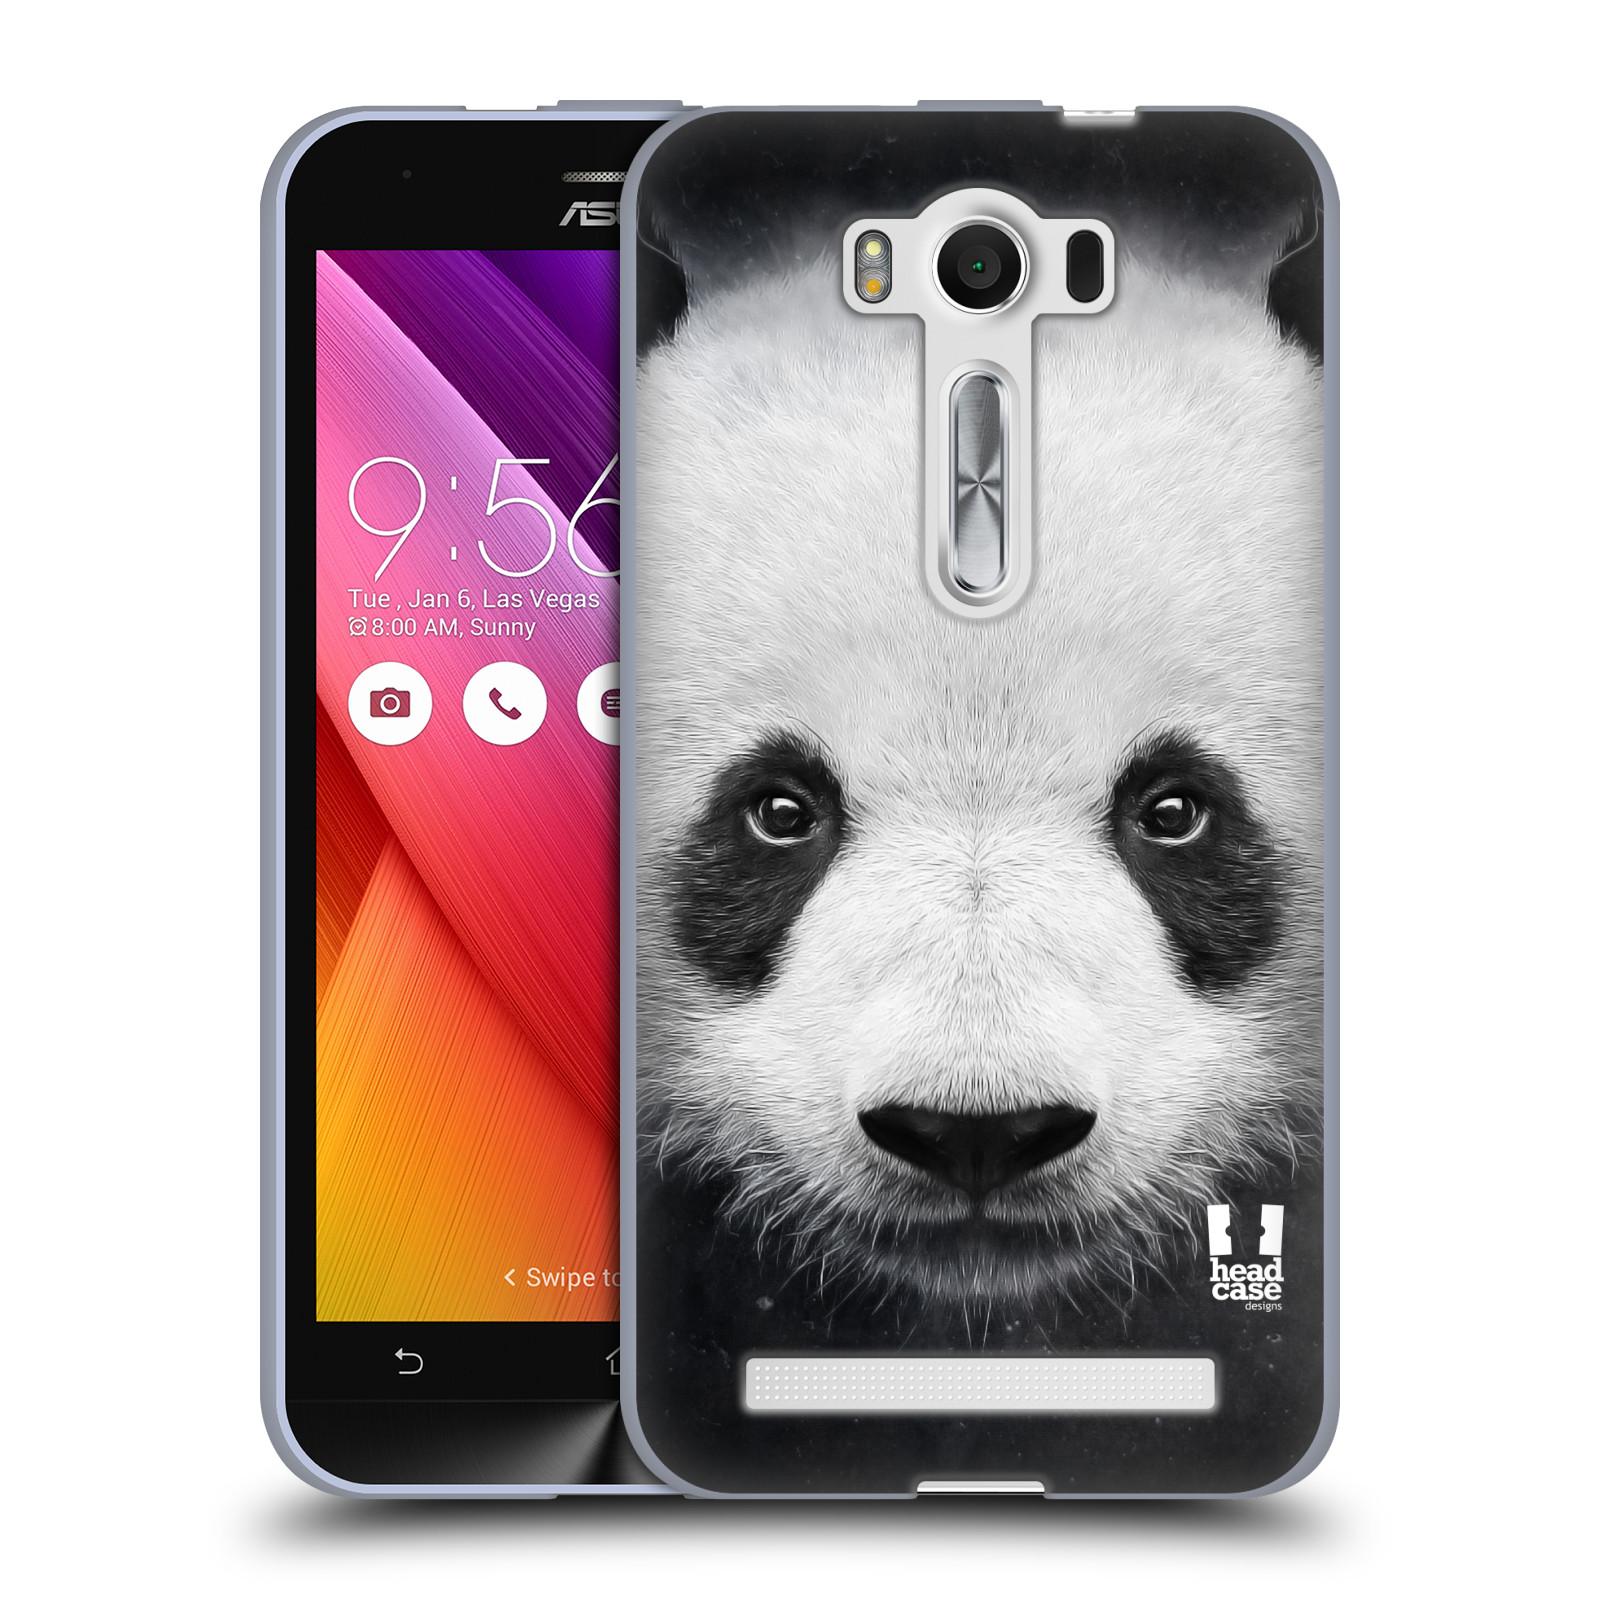 """HEAD CASE silikonový obal na mobil Asus Zenfone 2 LASER (ZE500KL s 5"""" displejem) vzor Zvířecí tváře medvěd panda"""